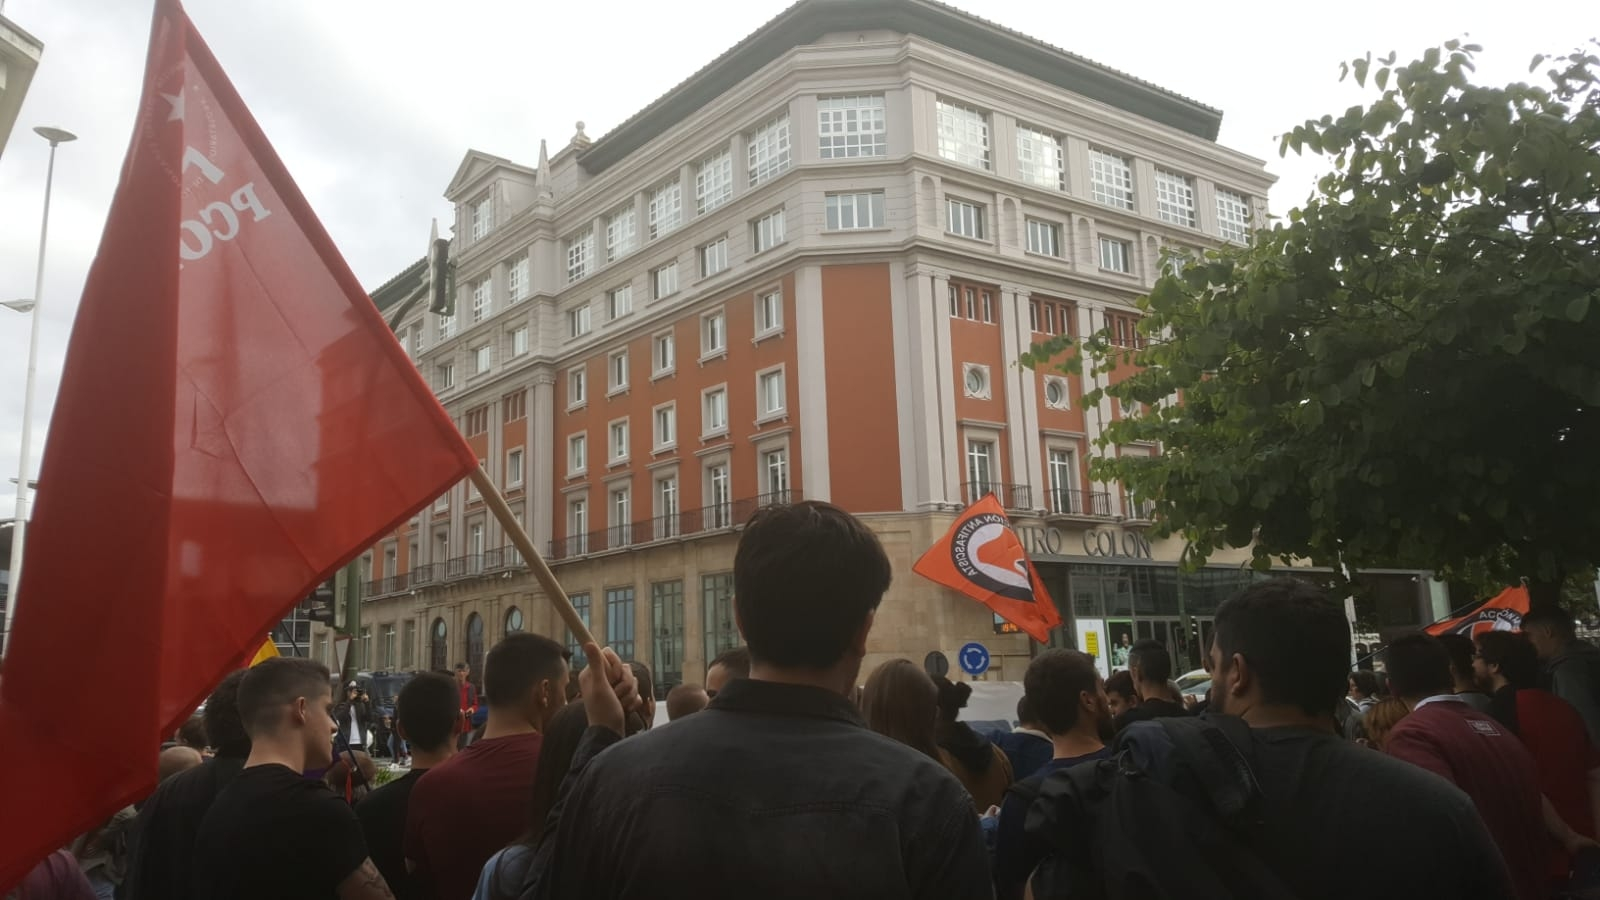 Los militantes del Partido Comunista Obrero Español han acudido a la concentración de Coruña junto a una multitud de personas a solidarizarse con los jóvenes detenidos y condenados de Altsasu…